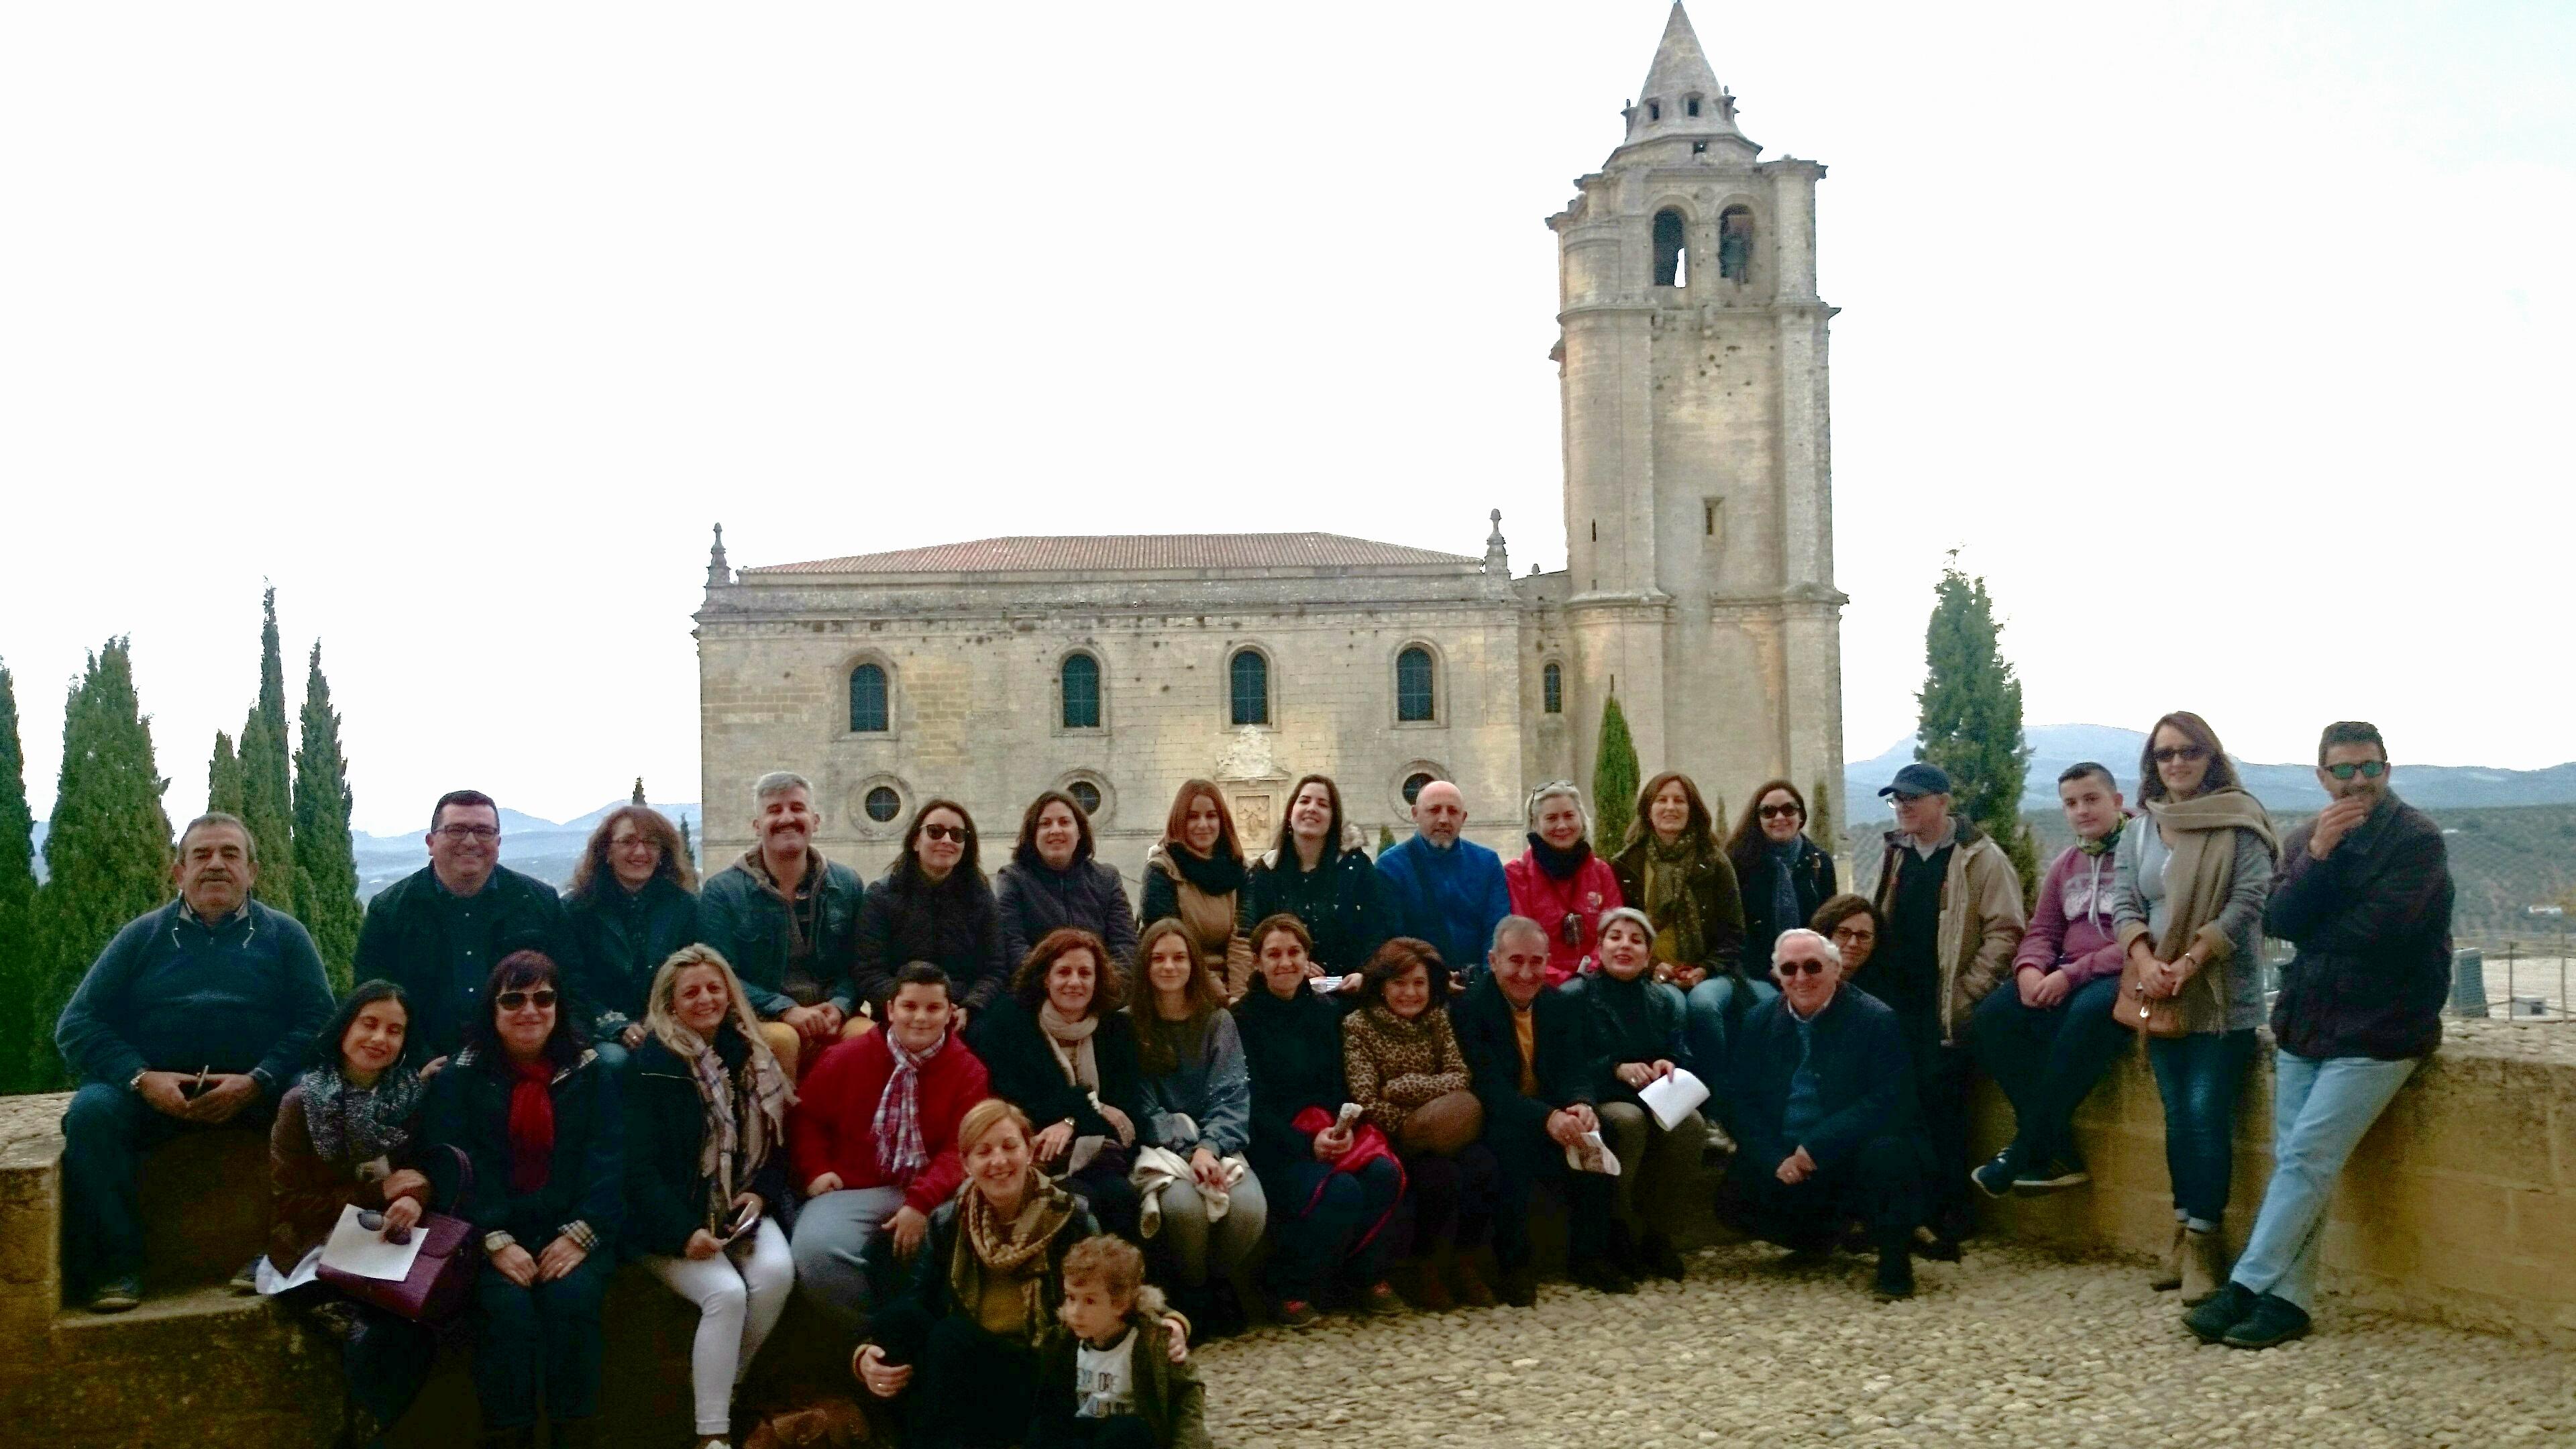 Visita a Alcalá la Real